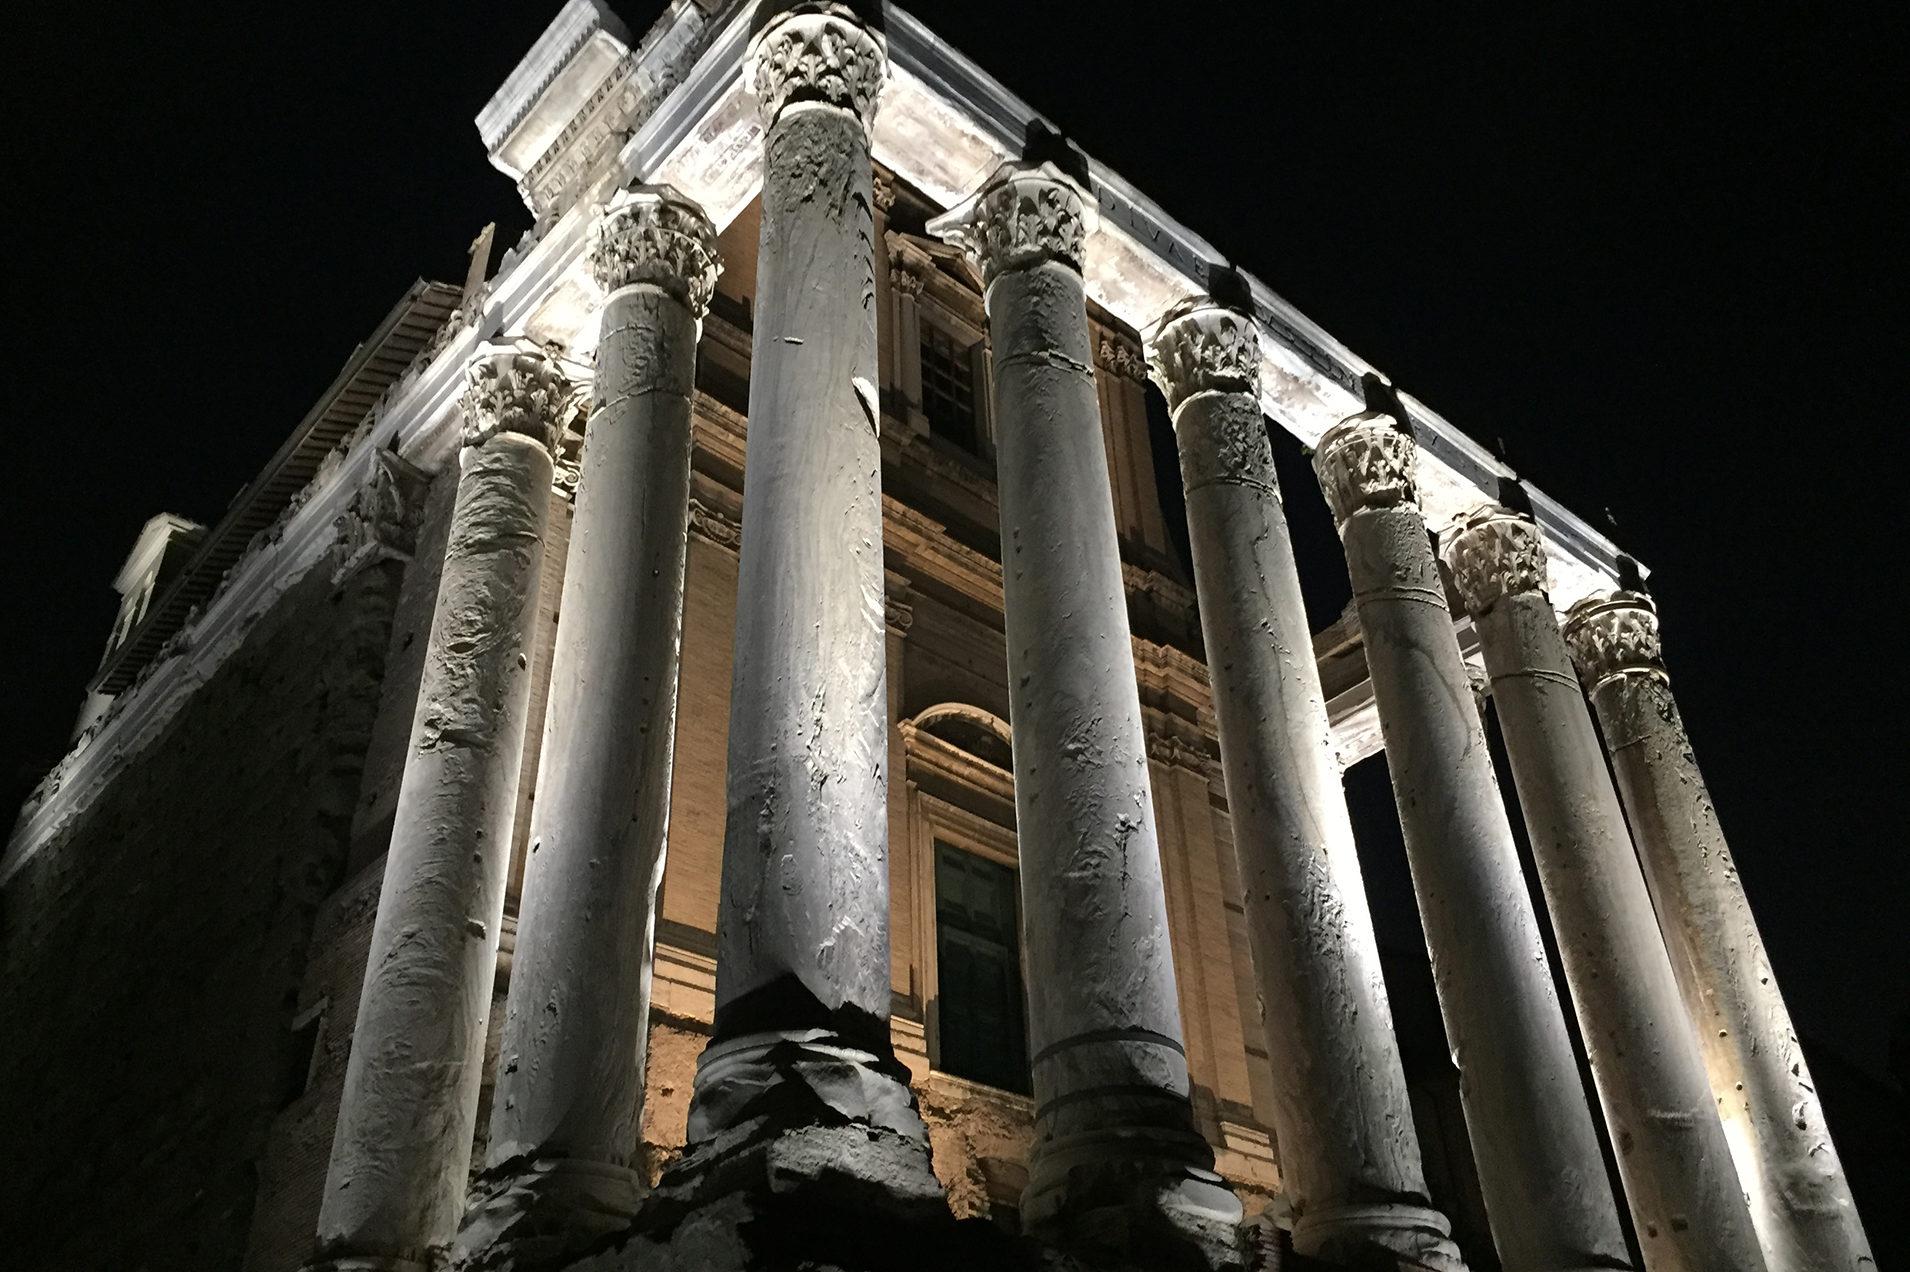 tempio romano visto dal basso